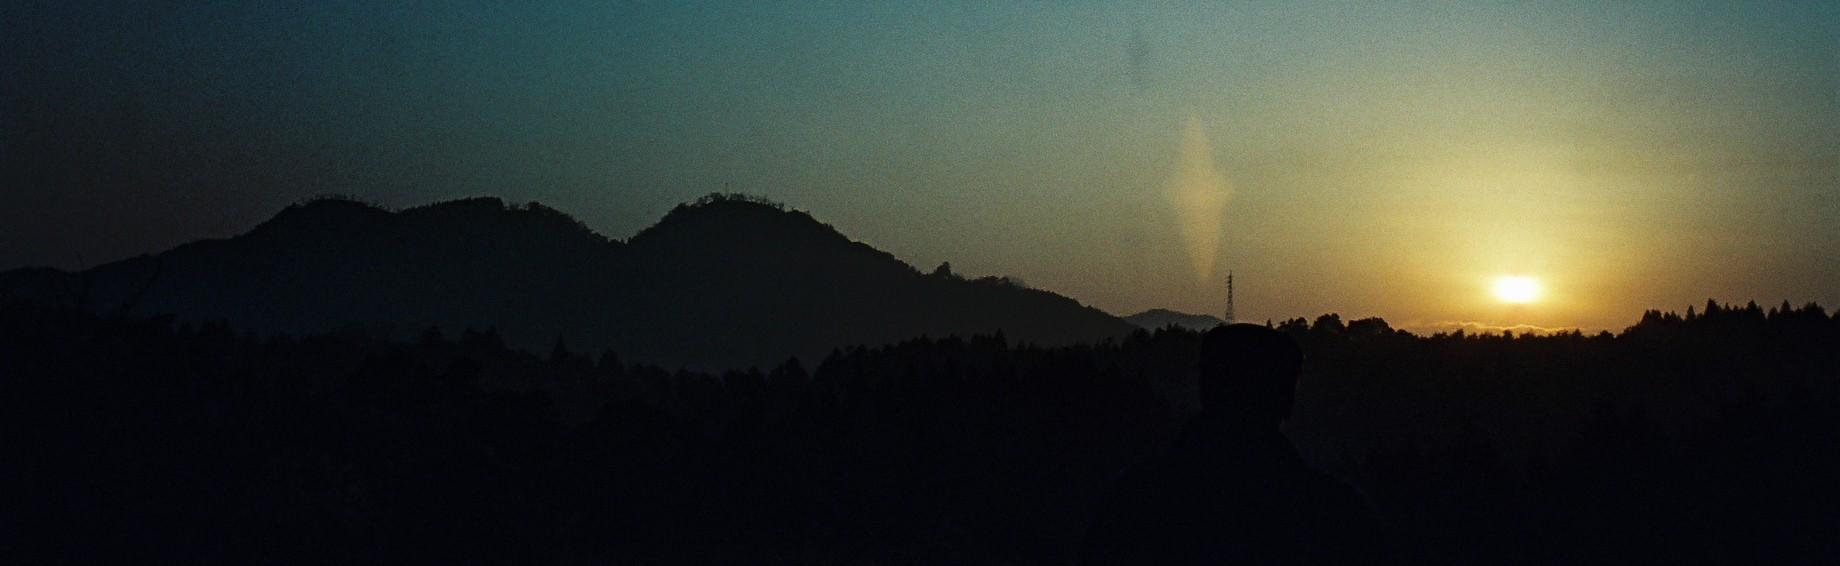 聖なるお山・・「白鹿山」から昇る朝陽_a0174458_15291180.jpg